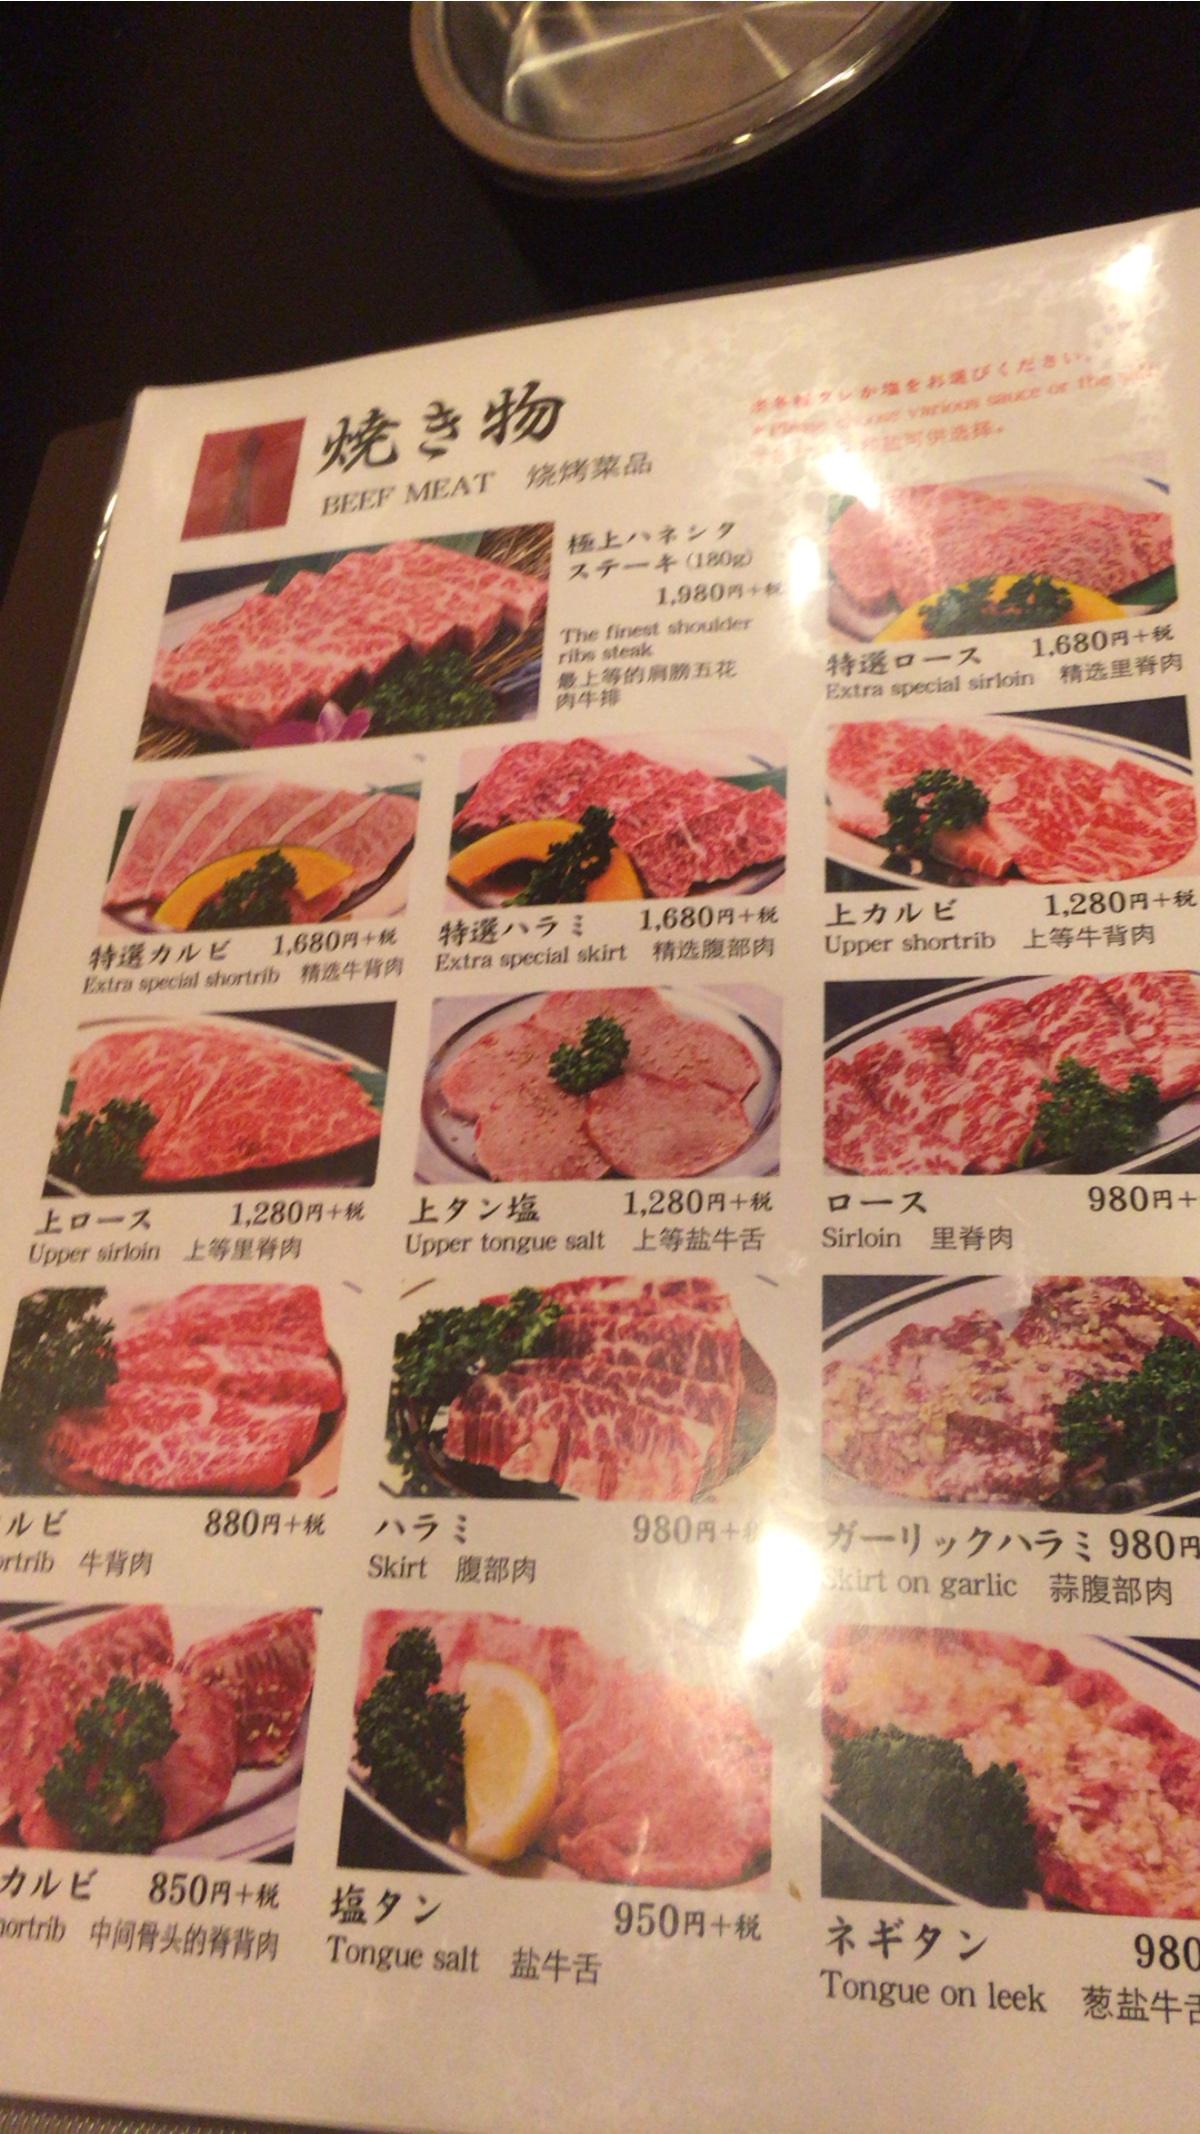 大阪新世界通天閣付近の焼肉屋【味斗】メニュー焼きもの